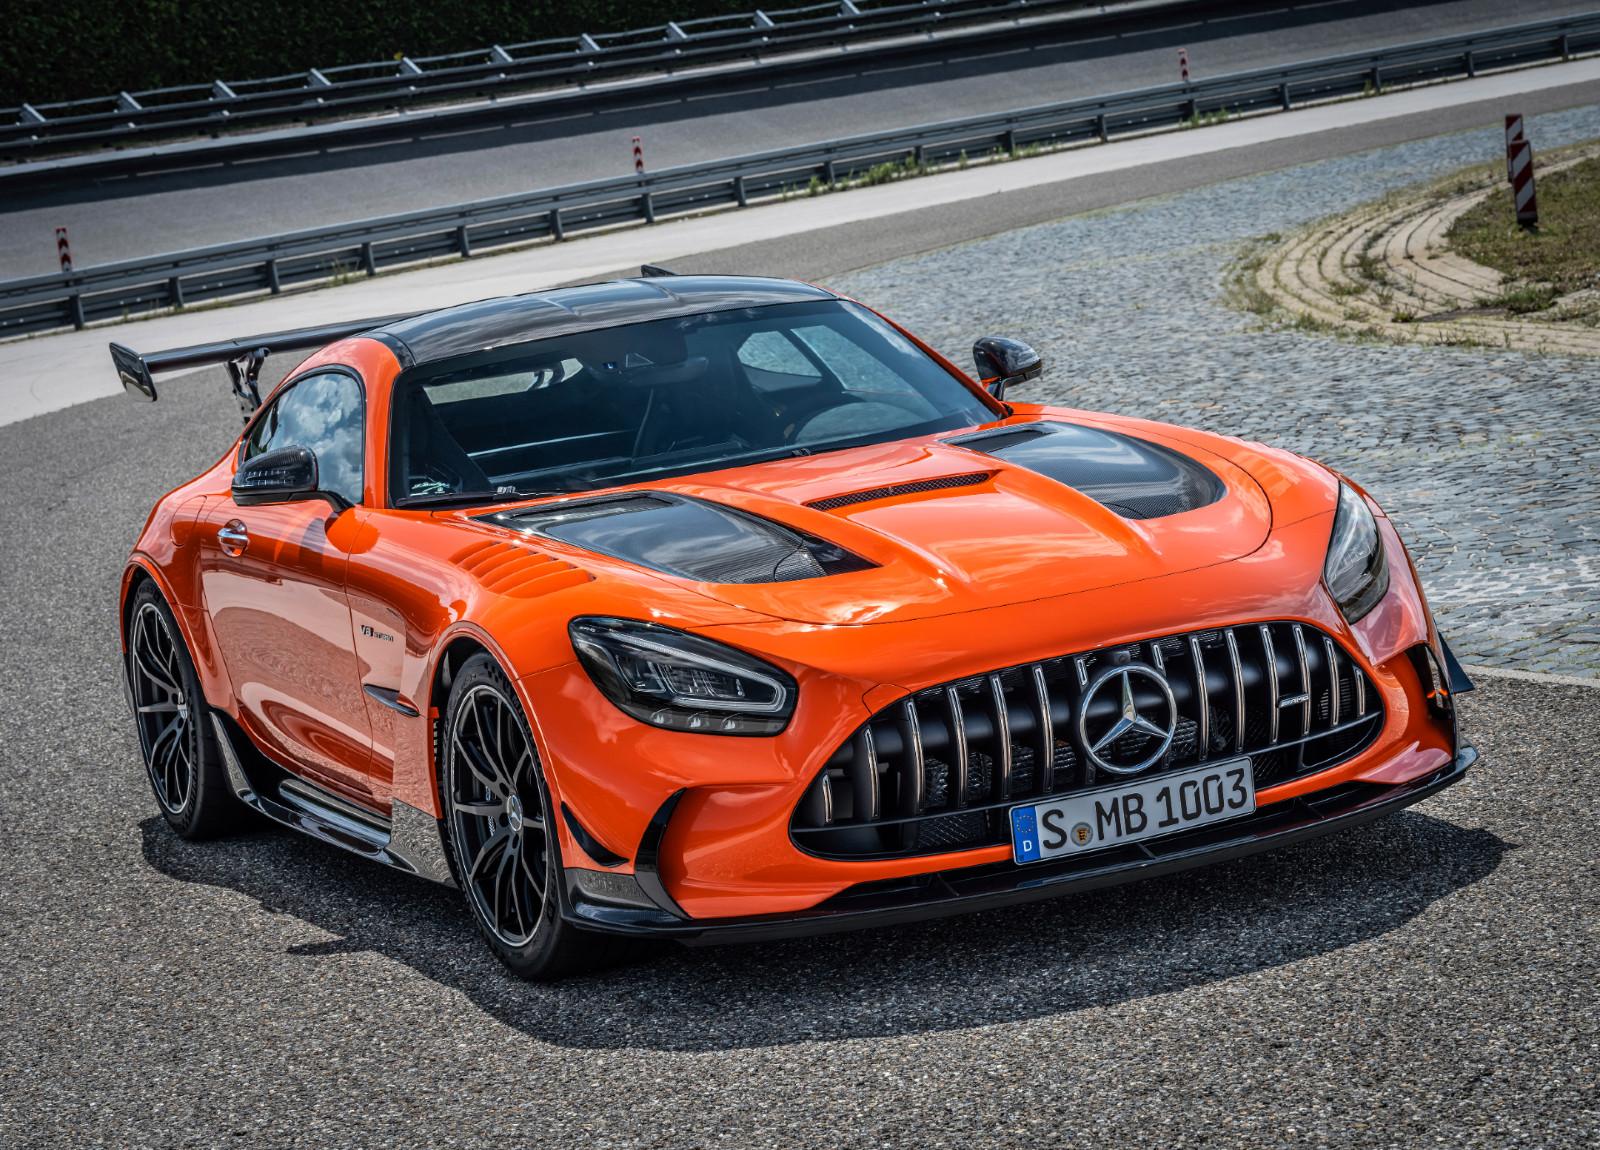 Cele mai puternice Mercedes-uri pe care le poti cumpara acum. Plus cat costa fiecare in Romania - Cele mai puternice Mercedes-uri pe care le poti cumpara acum. Plus cat costa fiecare in Romania